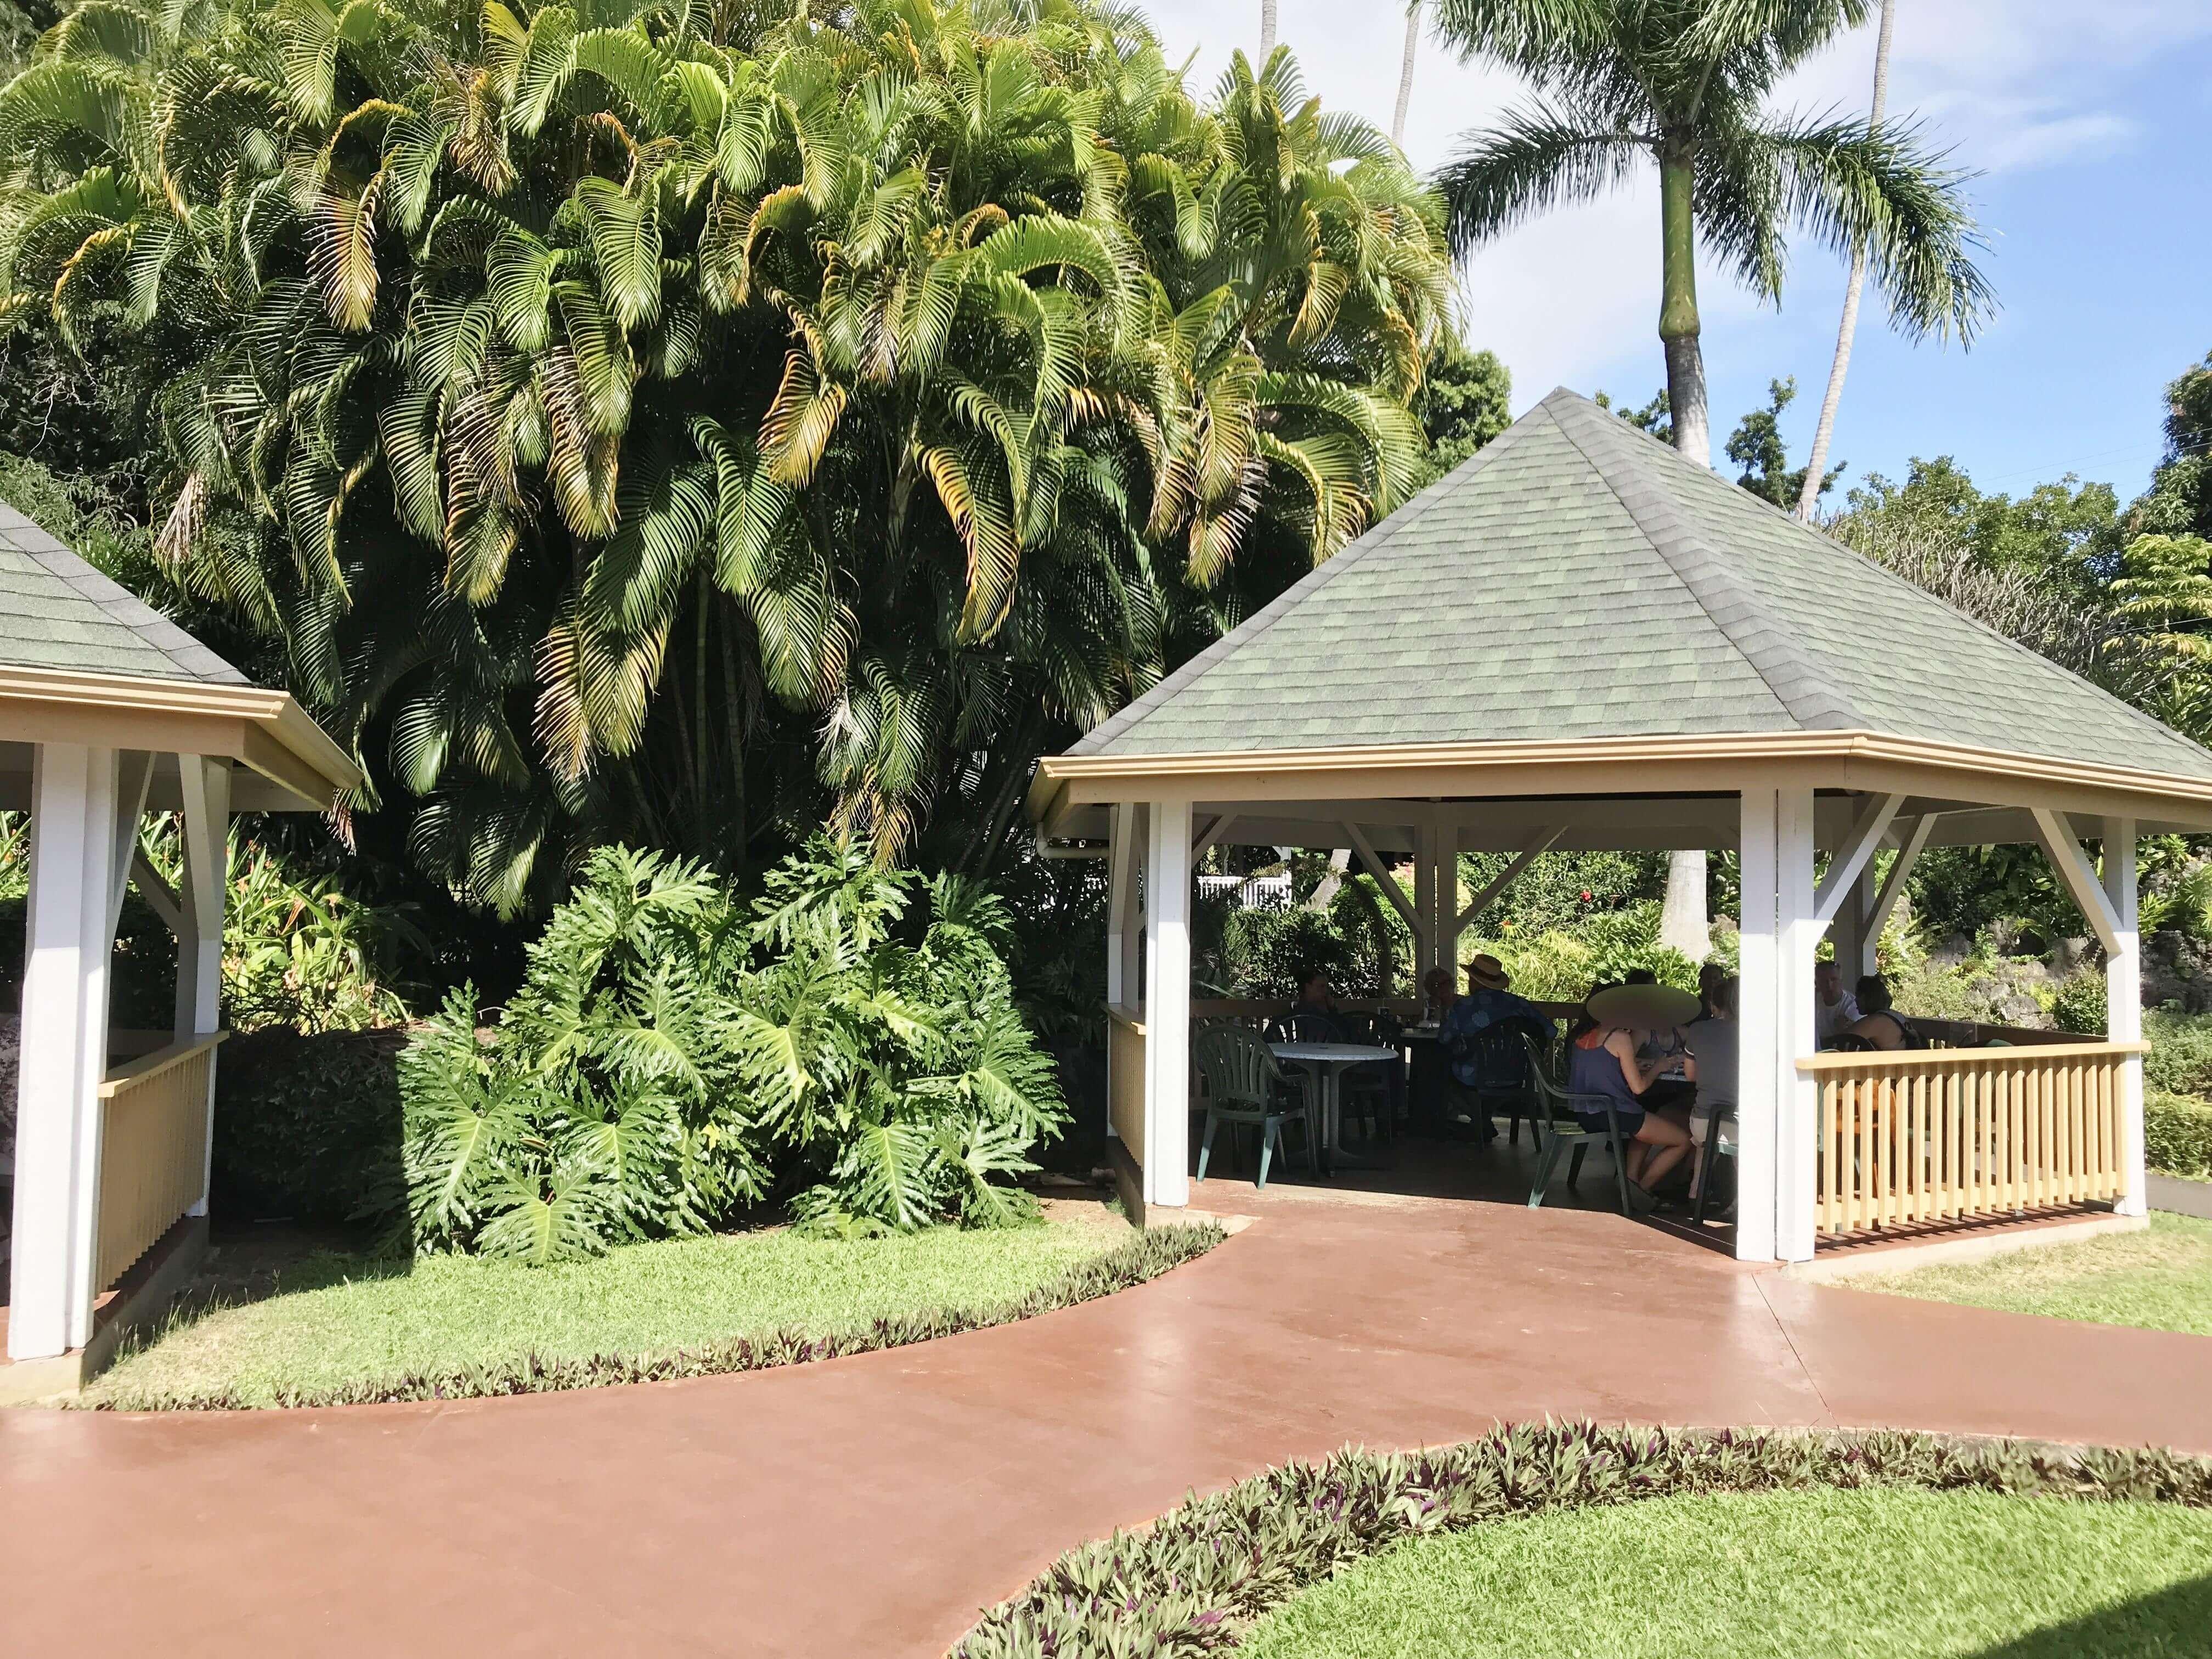 ハワイ-プナルウベイクショップ-ガーデン